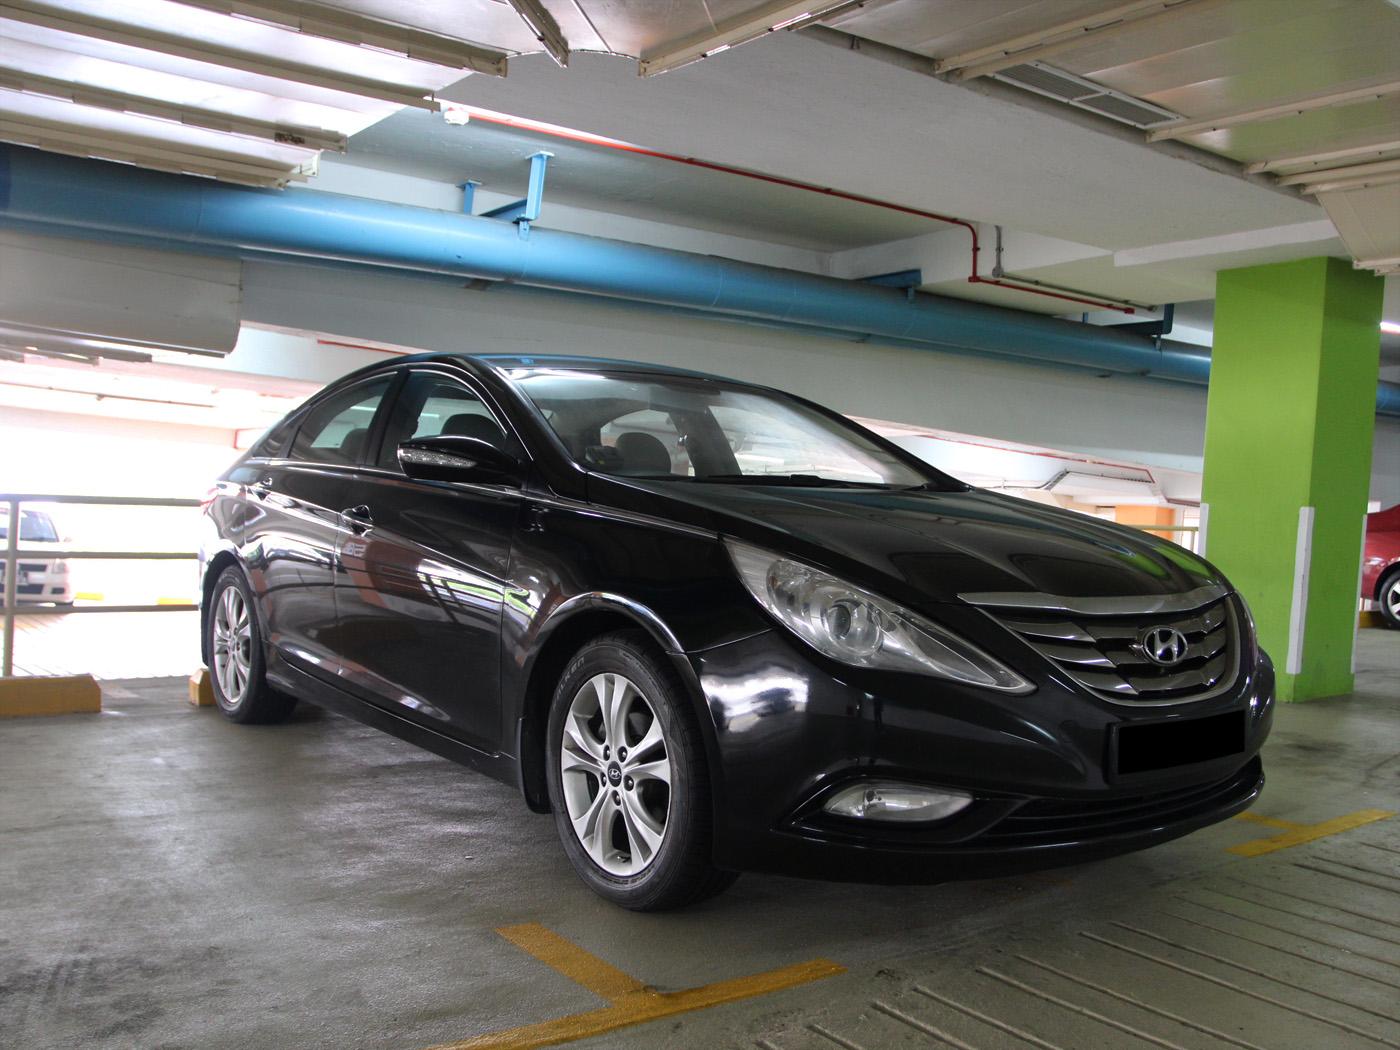 Hyundai i45 2.0 (For Rent)